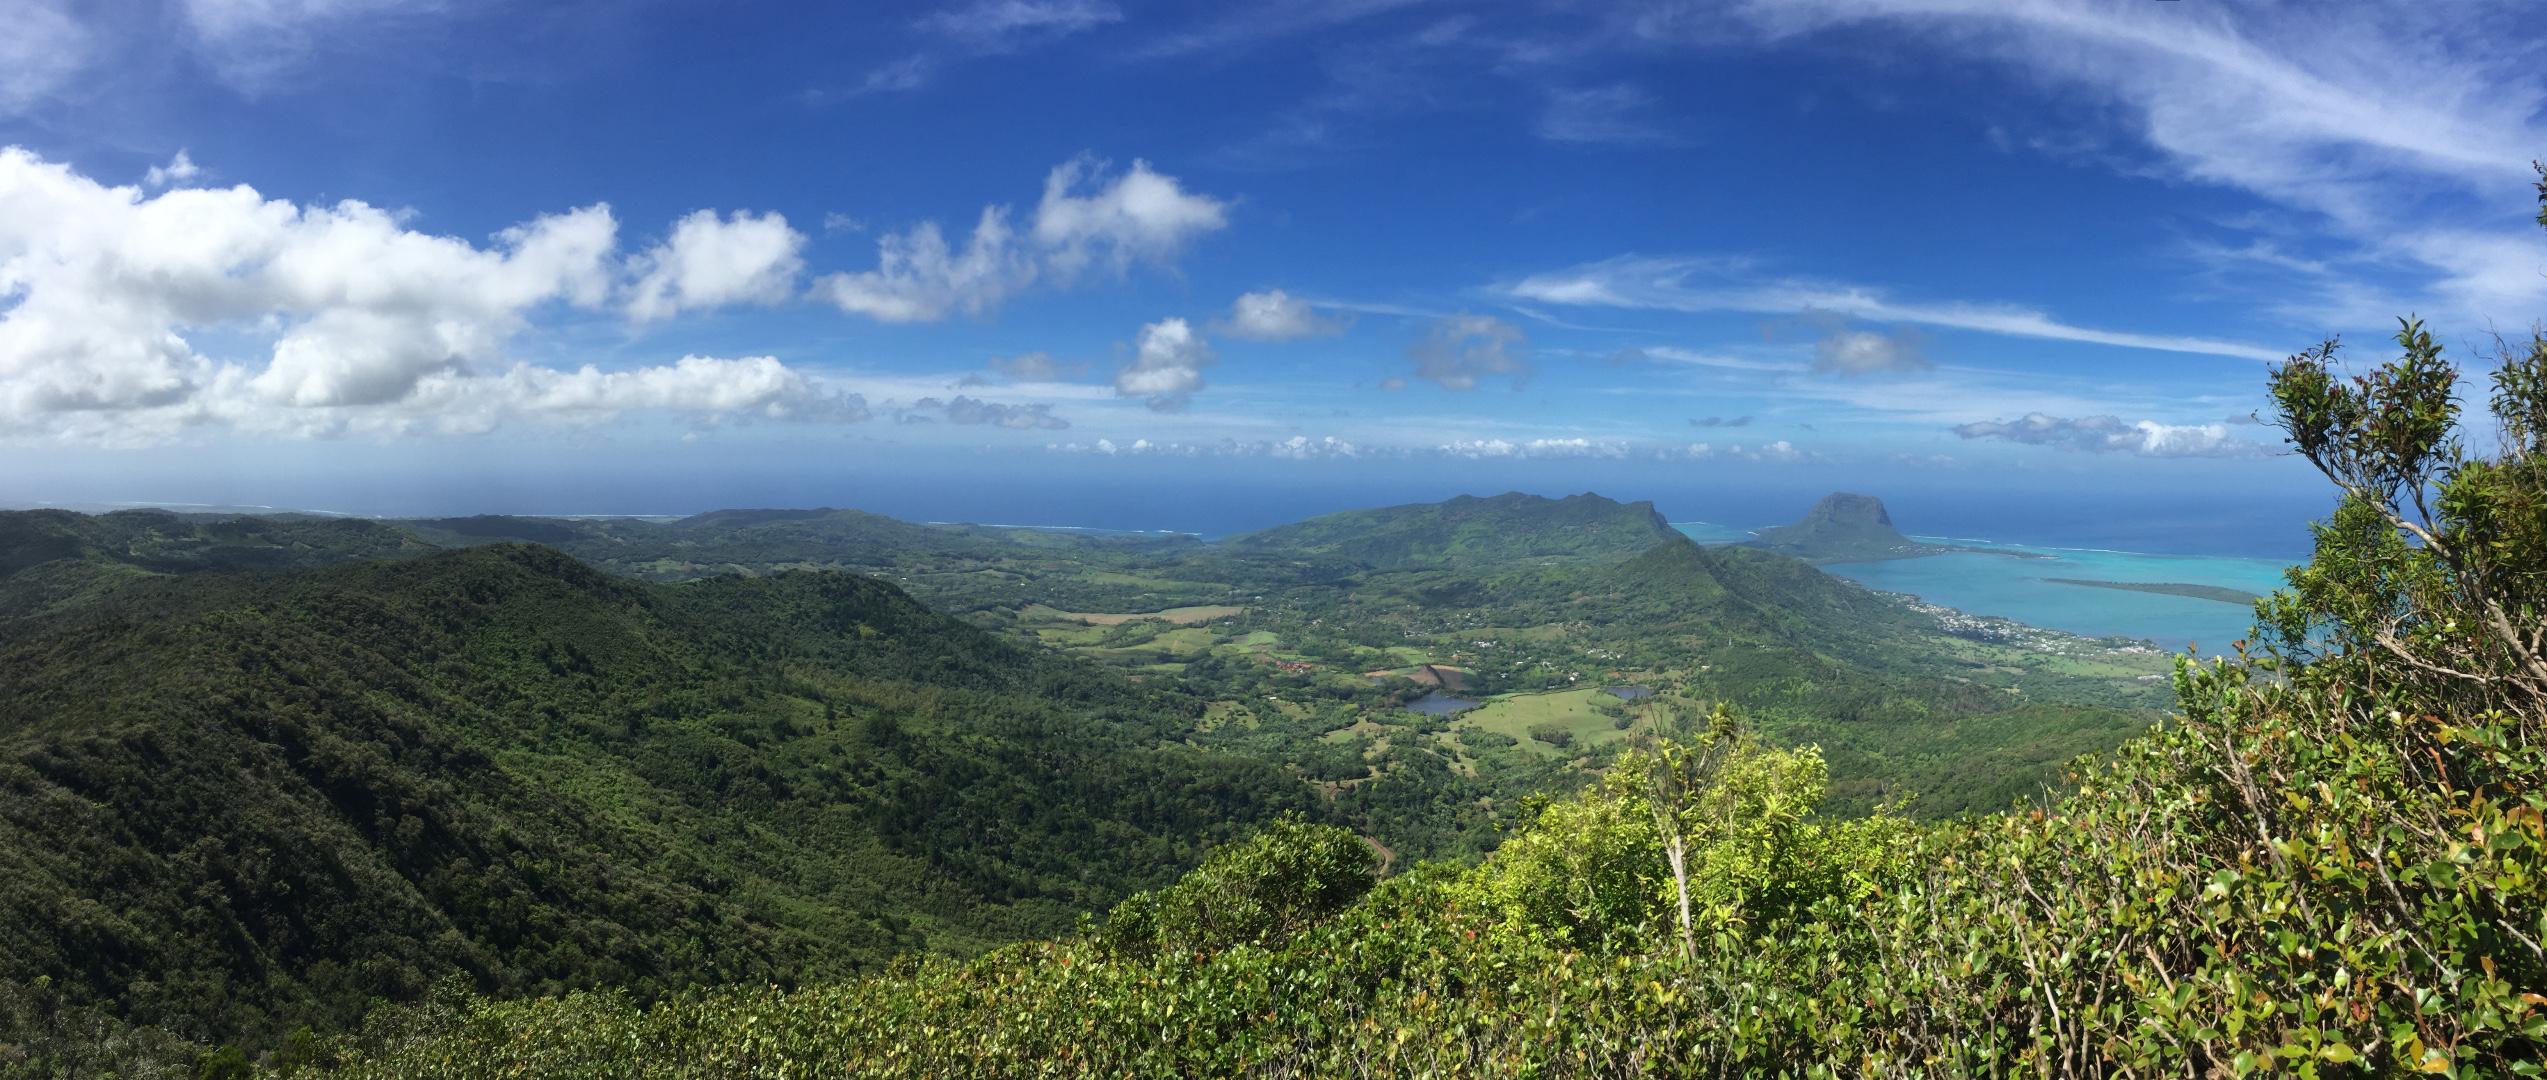 The view from Piton de la Petite Rivière Noire